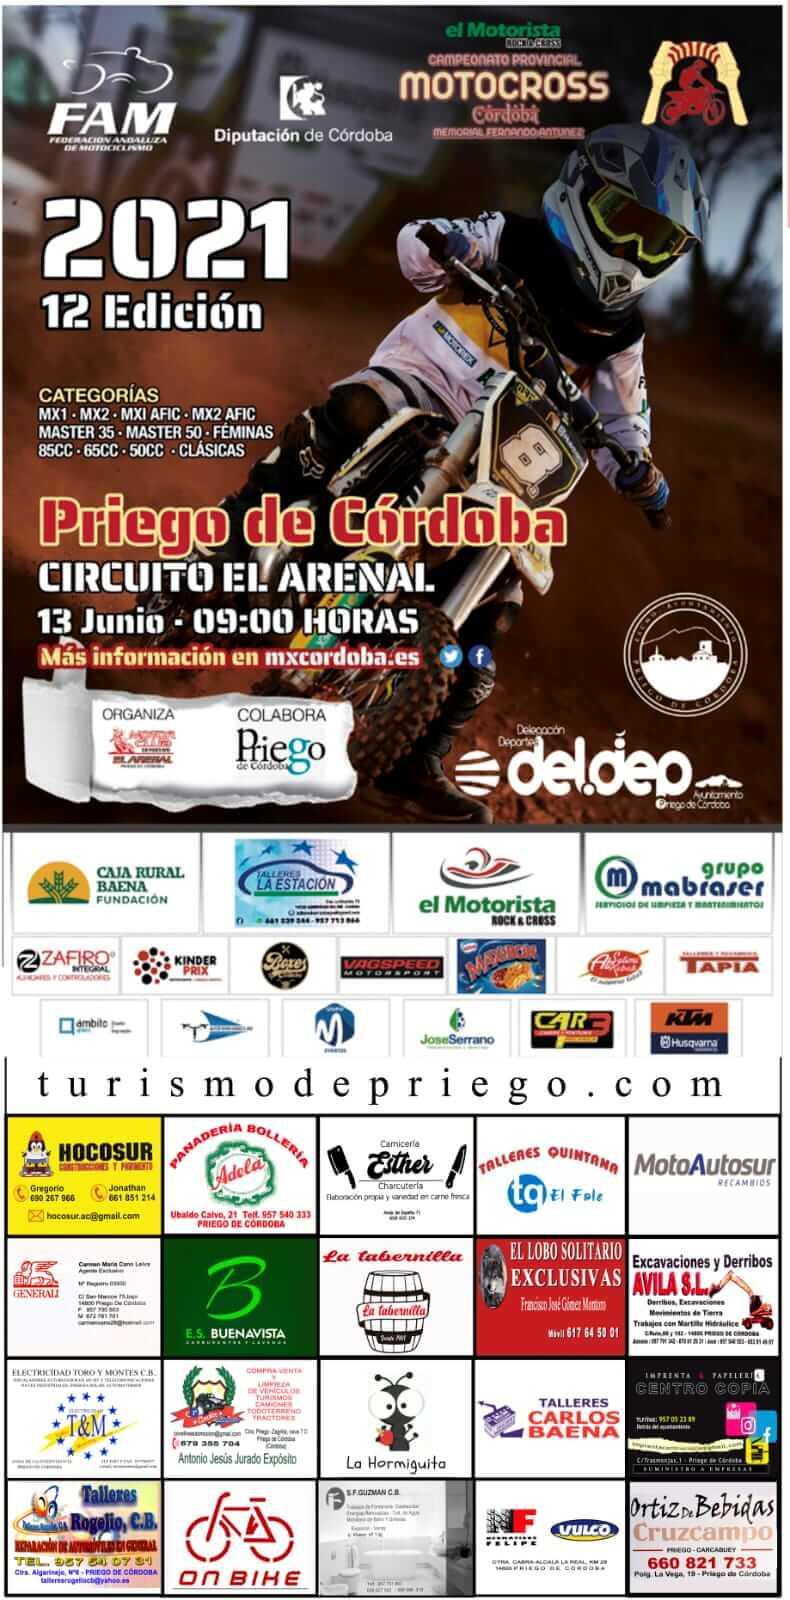 Motocross en Priego de Córdoba